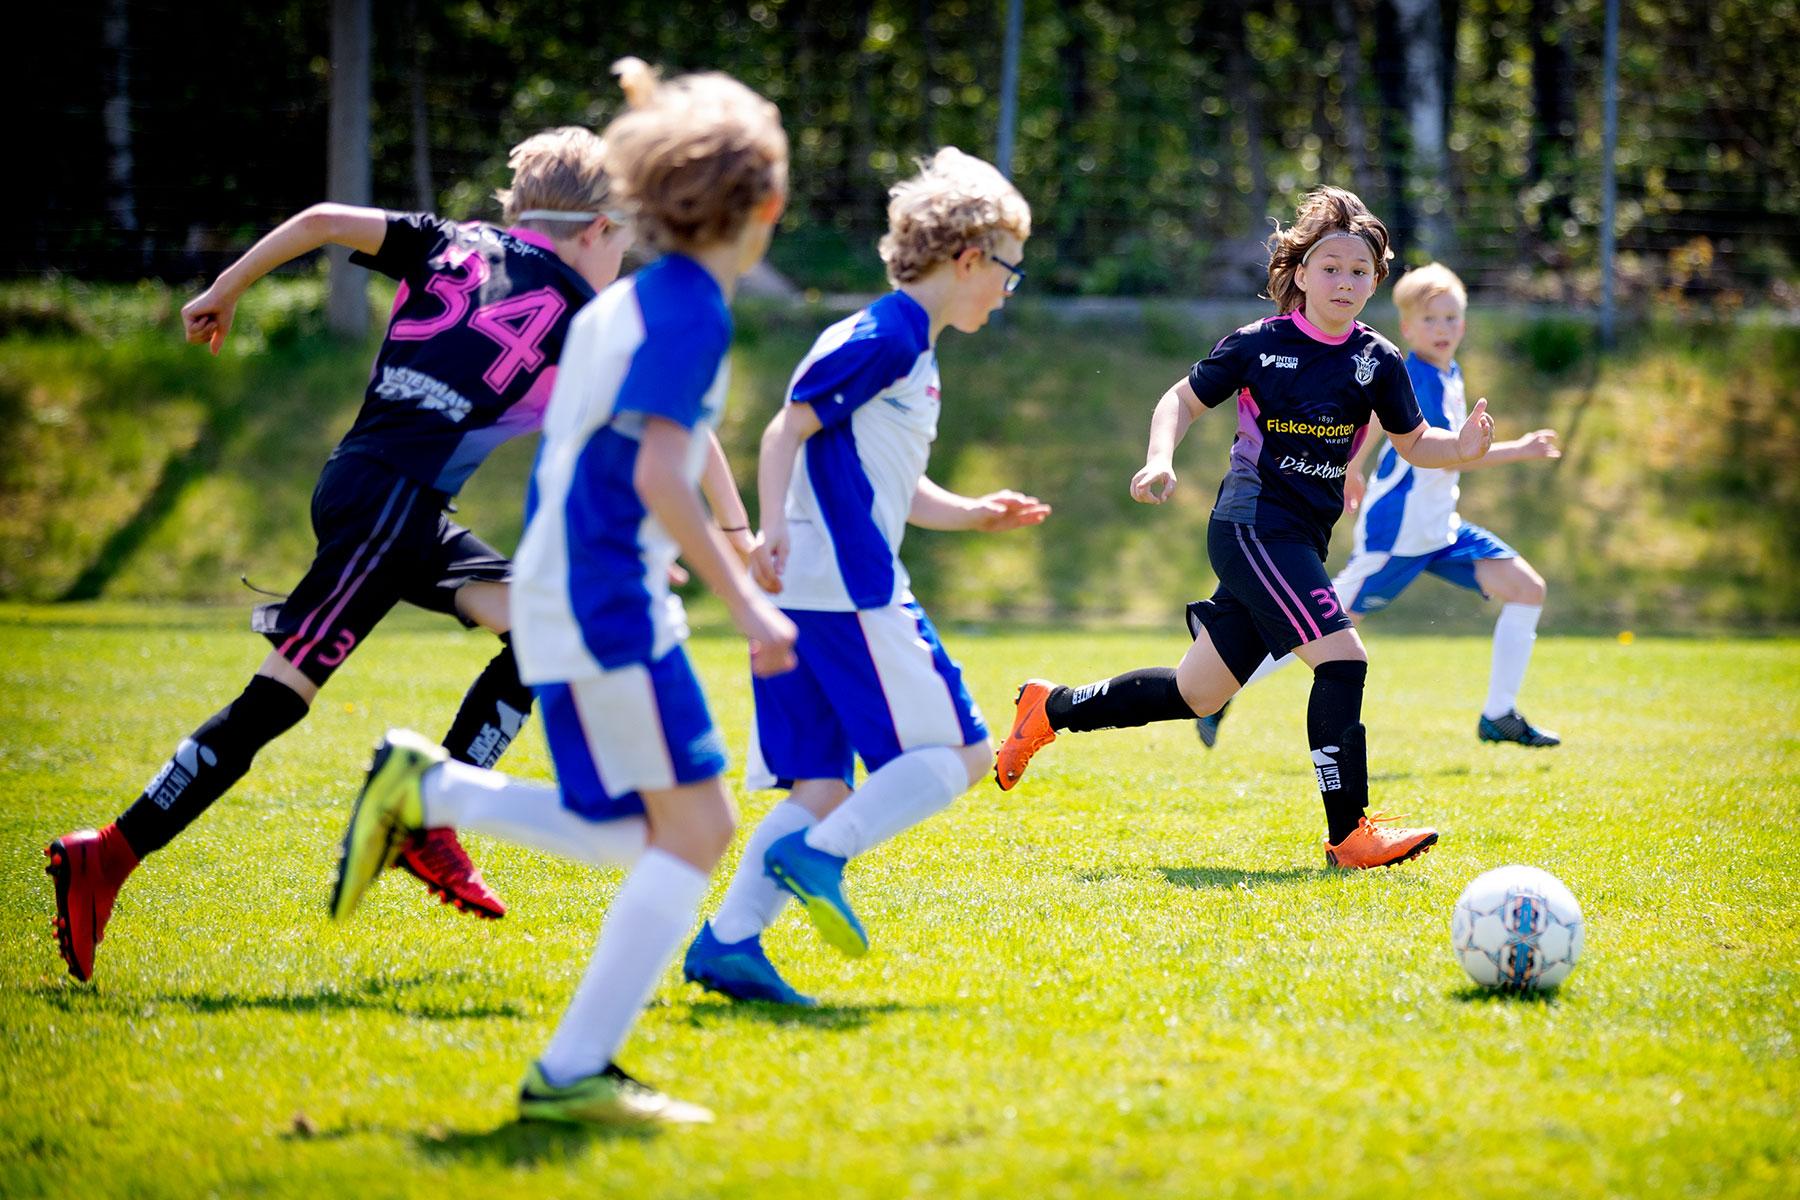 blogg-190519norvallamatch12.jpg